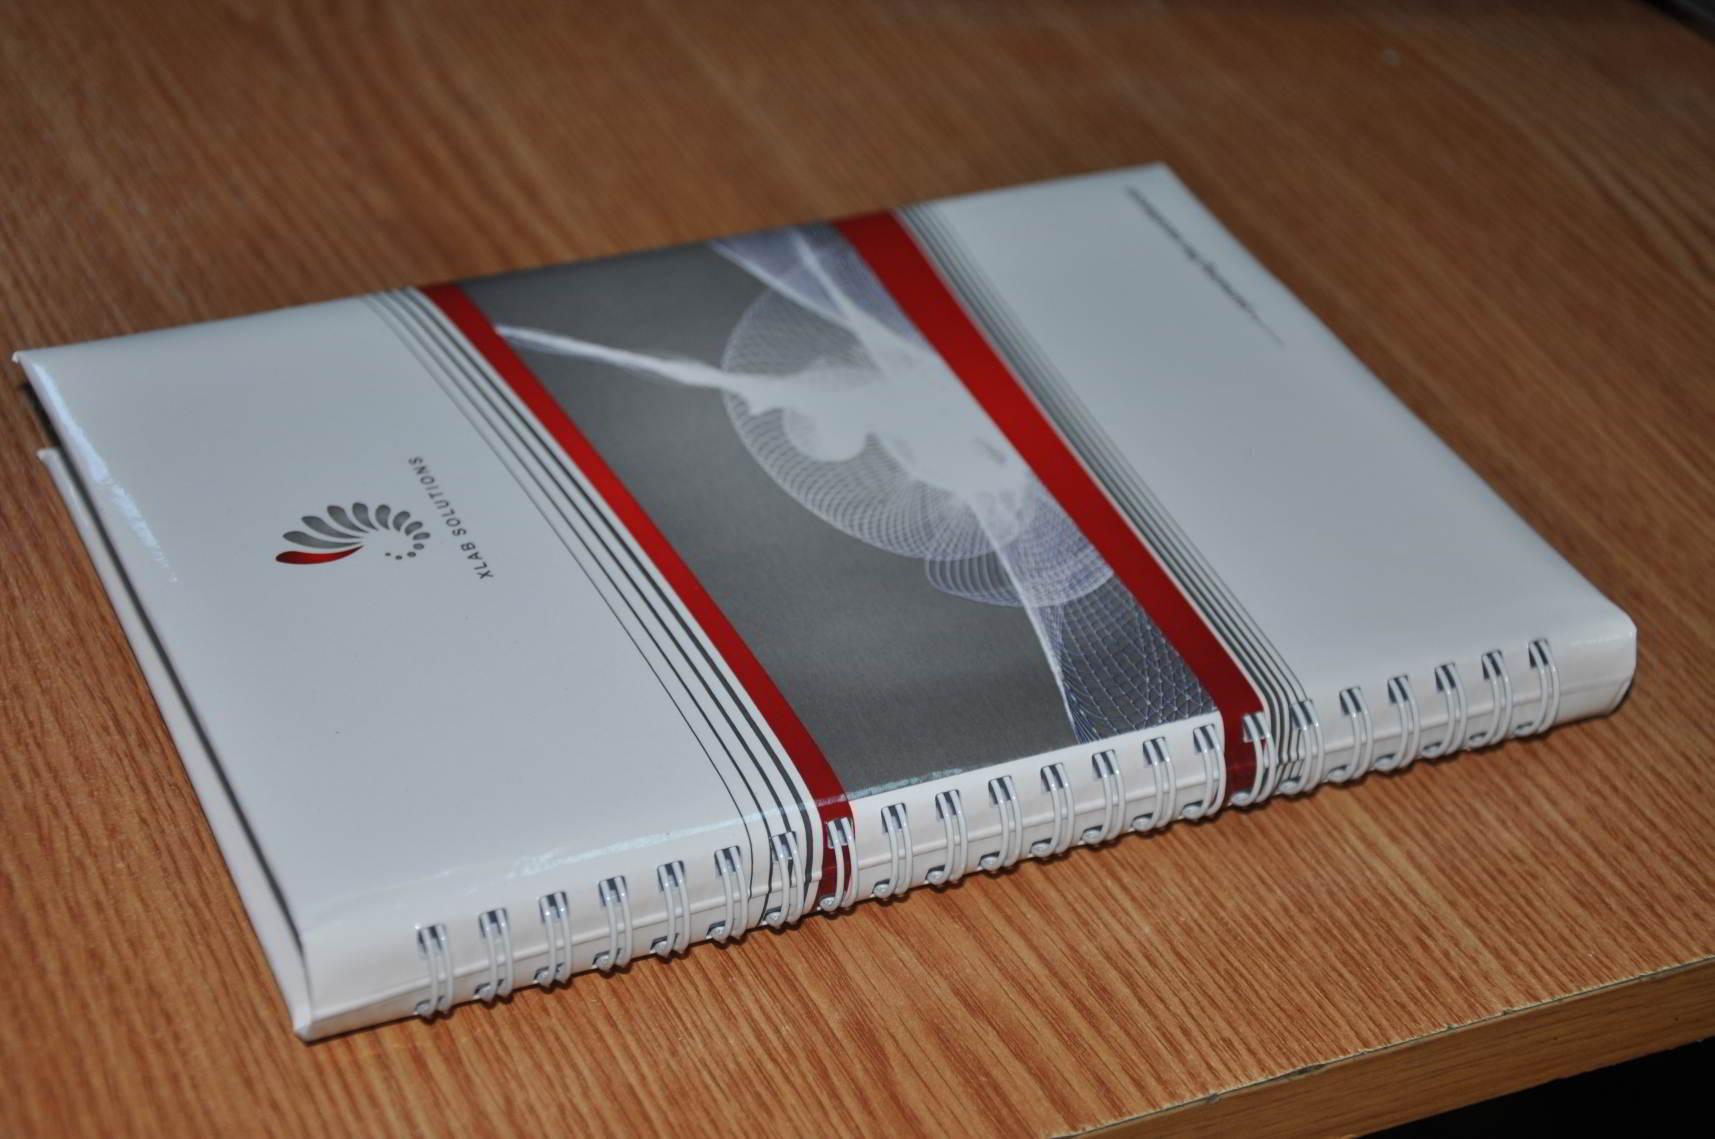 agende personalizate 2013, agende 2013 Iasi, agende personalizate Bucuresti, agende personalizate tipografie Iasi, agende personalizate Timisoara, agende personalizate Cluj